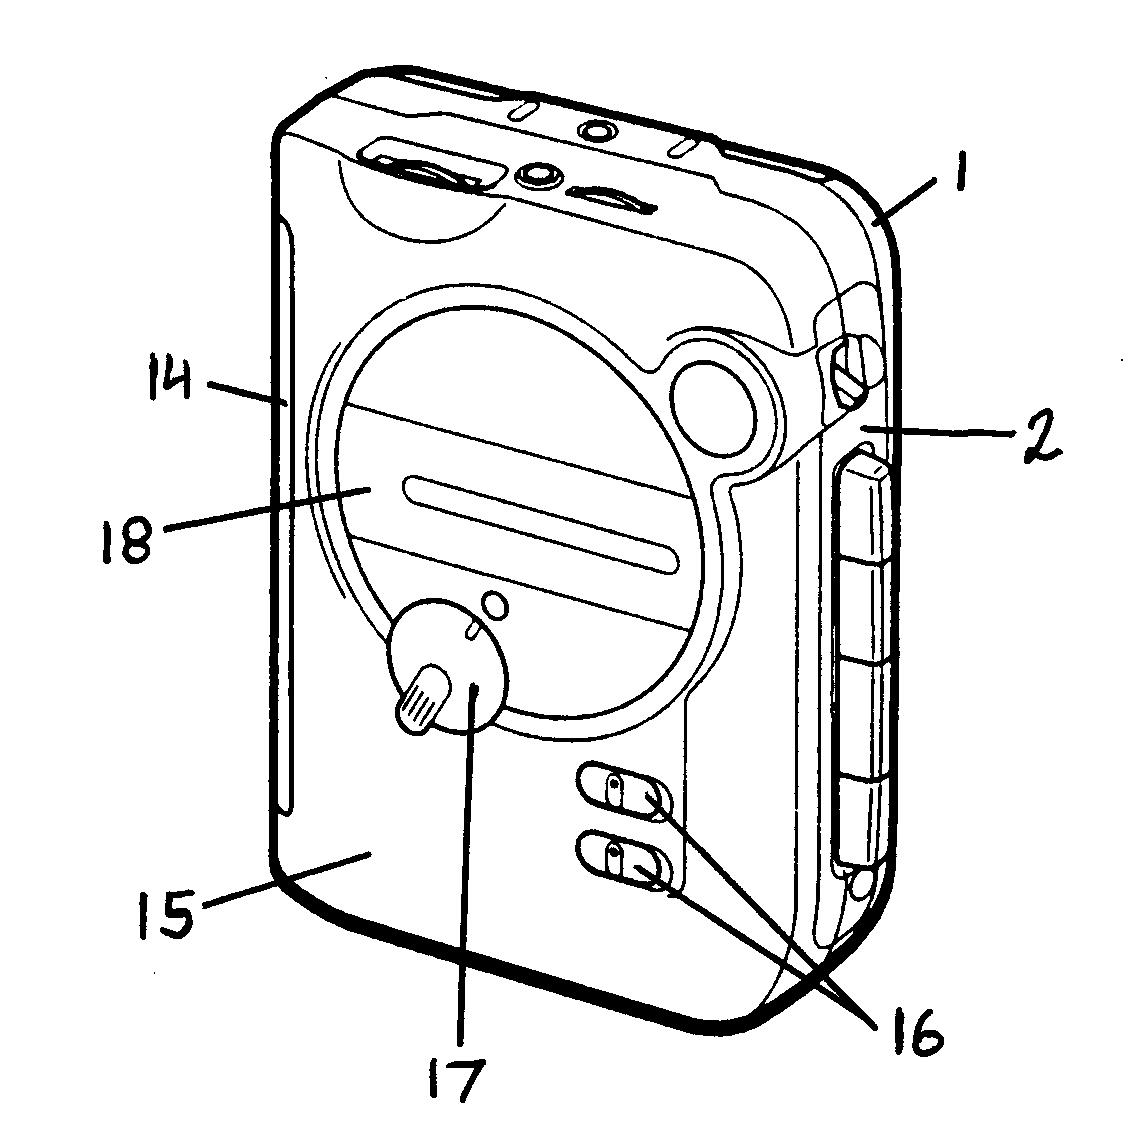 cassette player parts diagram